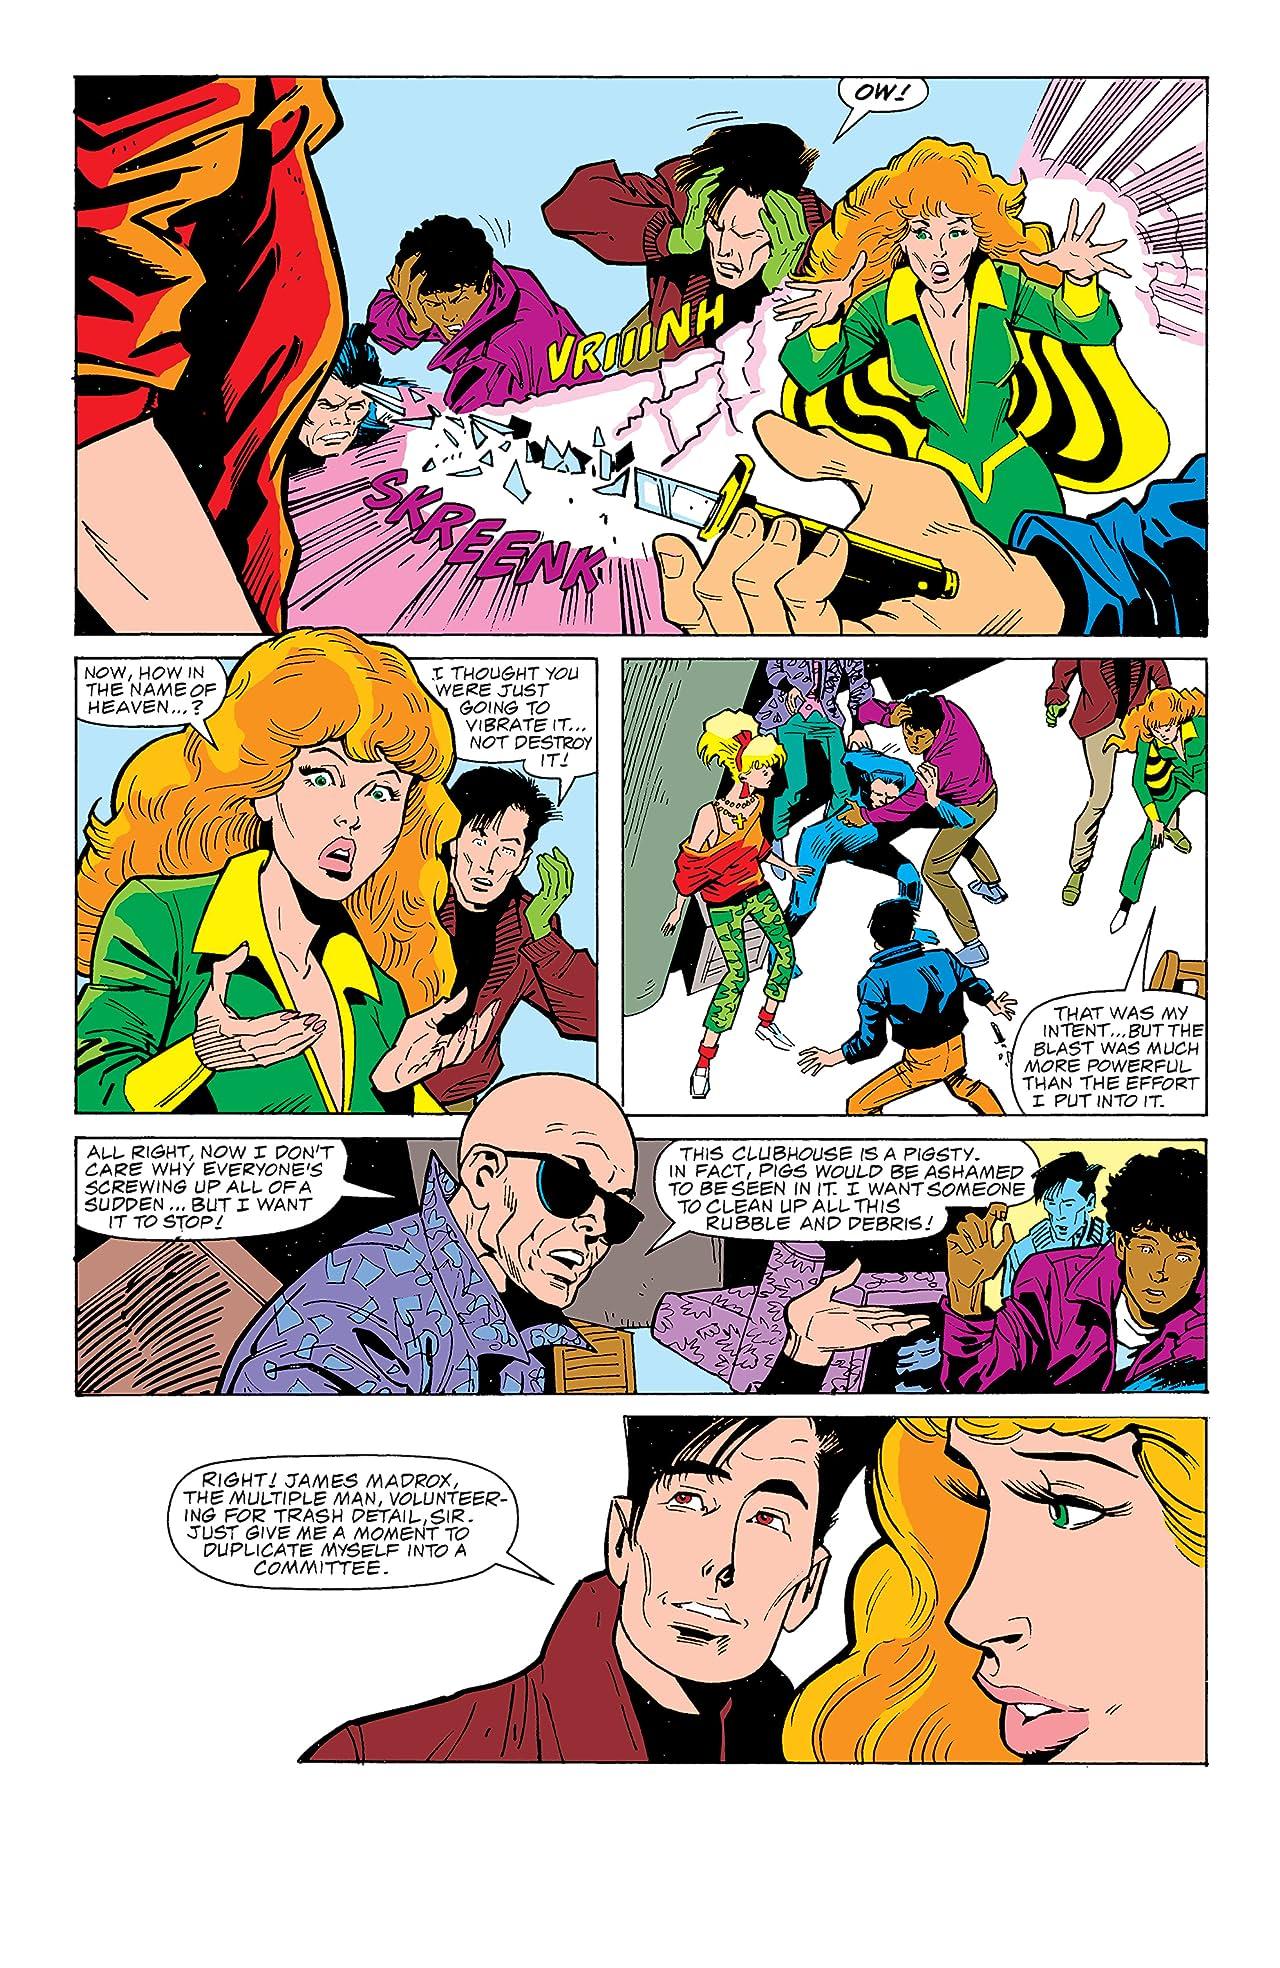 Fallen Angels (1987) #5 (of 8)